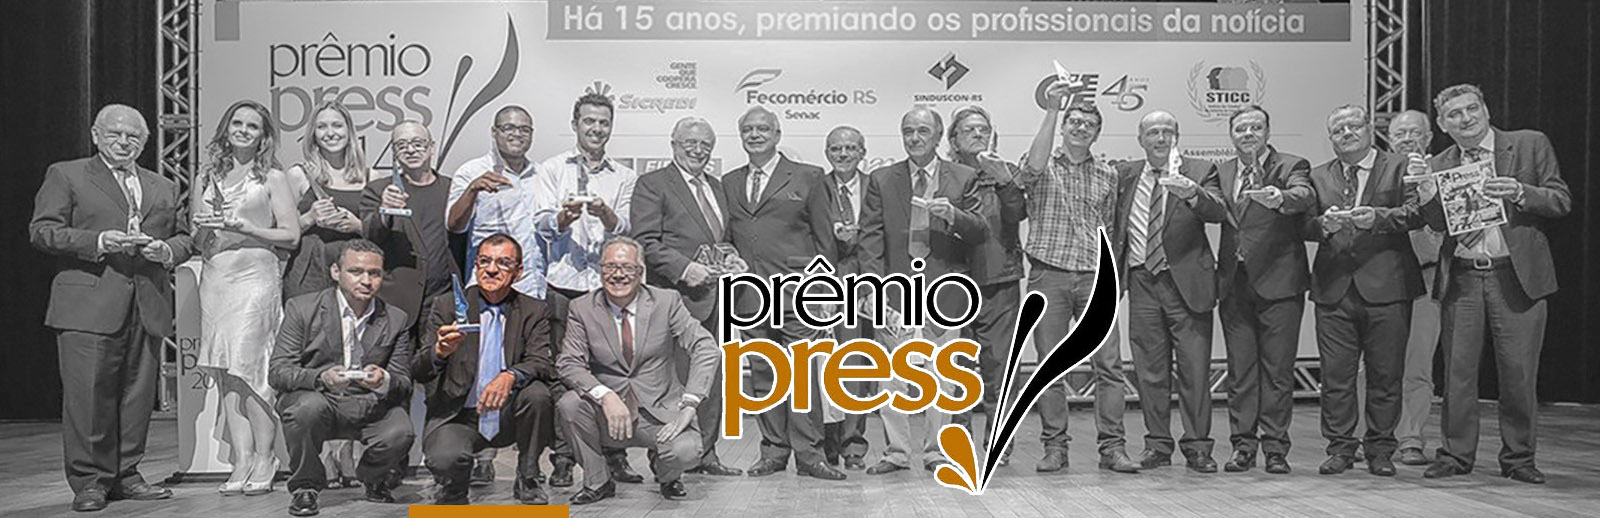 Blog jornalista FLÁVIO PEREIRA